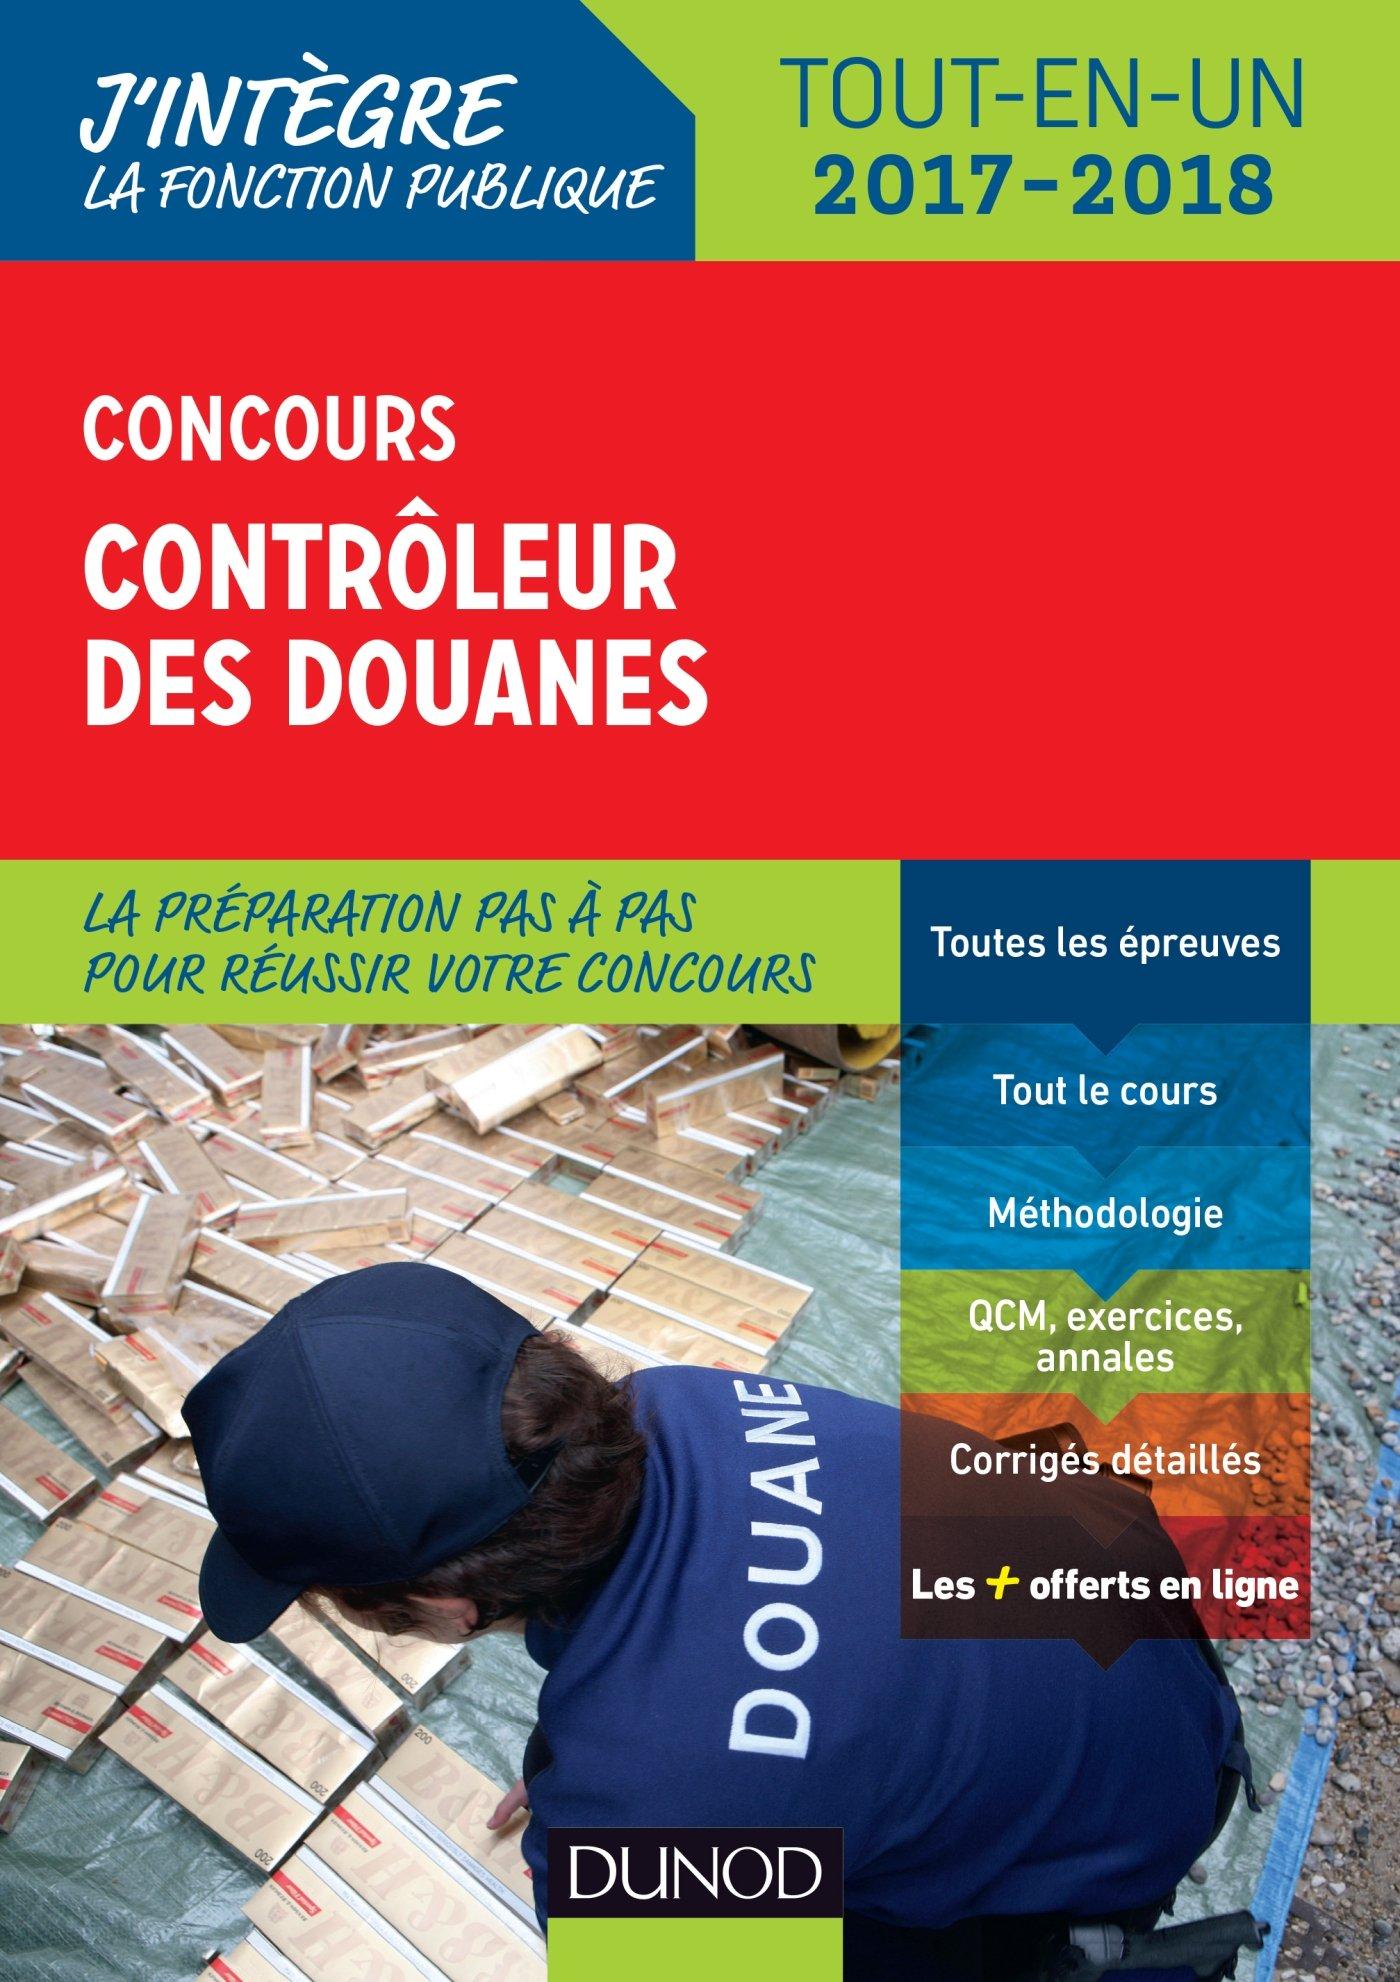 Amazon.fr - Concours Contrôleur des douanes 2017-2018 - Tout-en-un - Pierre  Beck, Marie-Virginie Speller, Frantz Badufle, Anne-Marie Vallejo-Bouvier,  ...